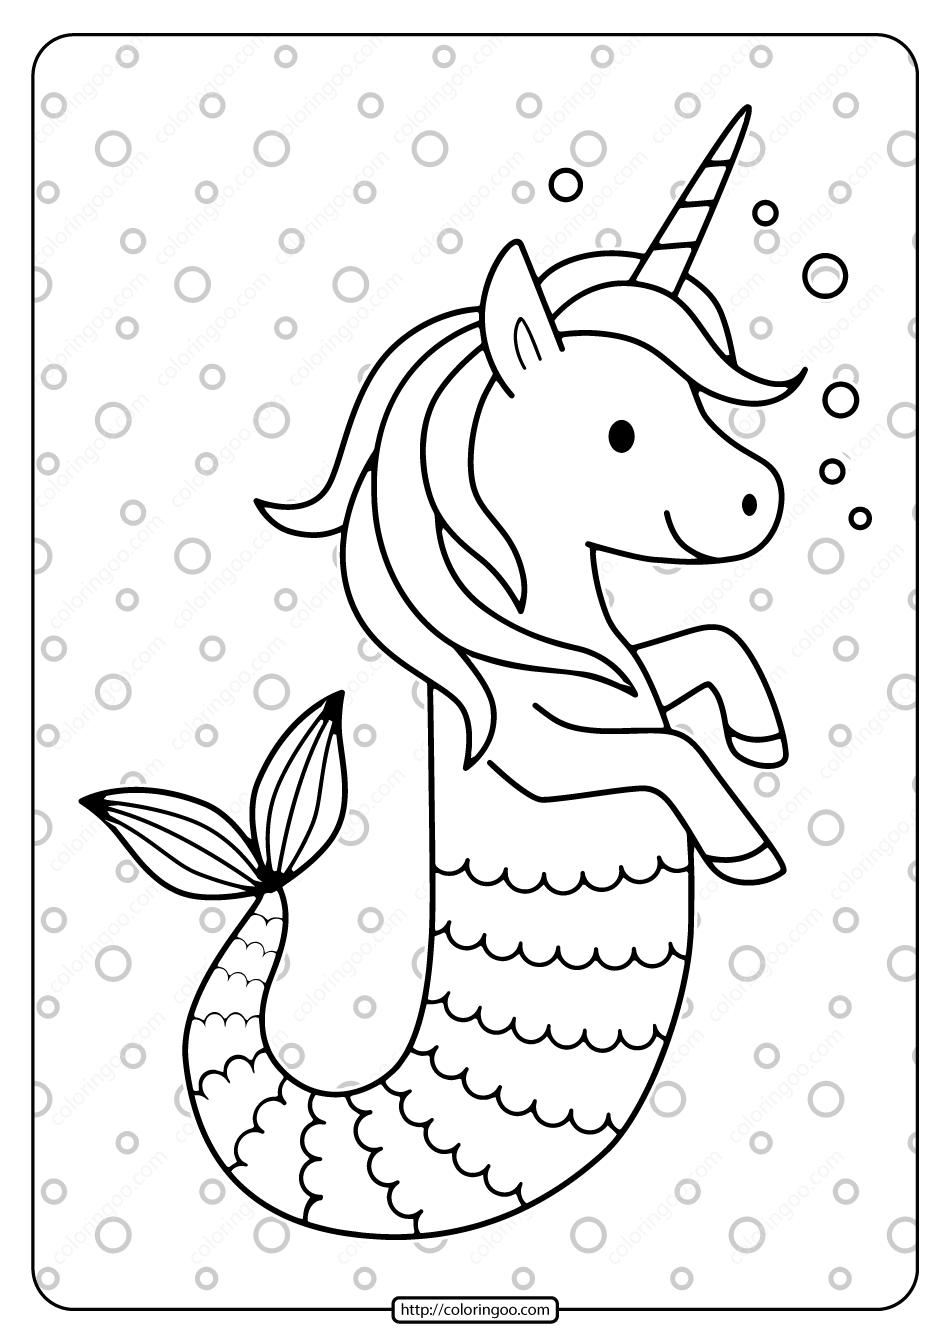 Free Printable Drawings